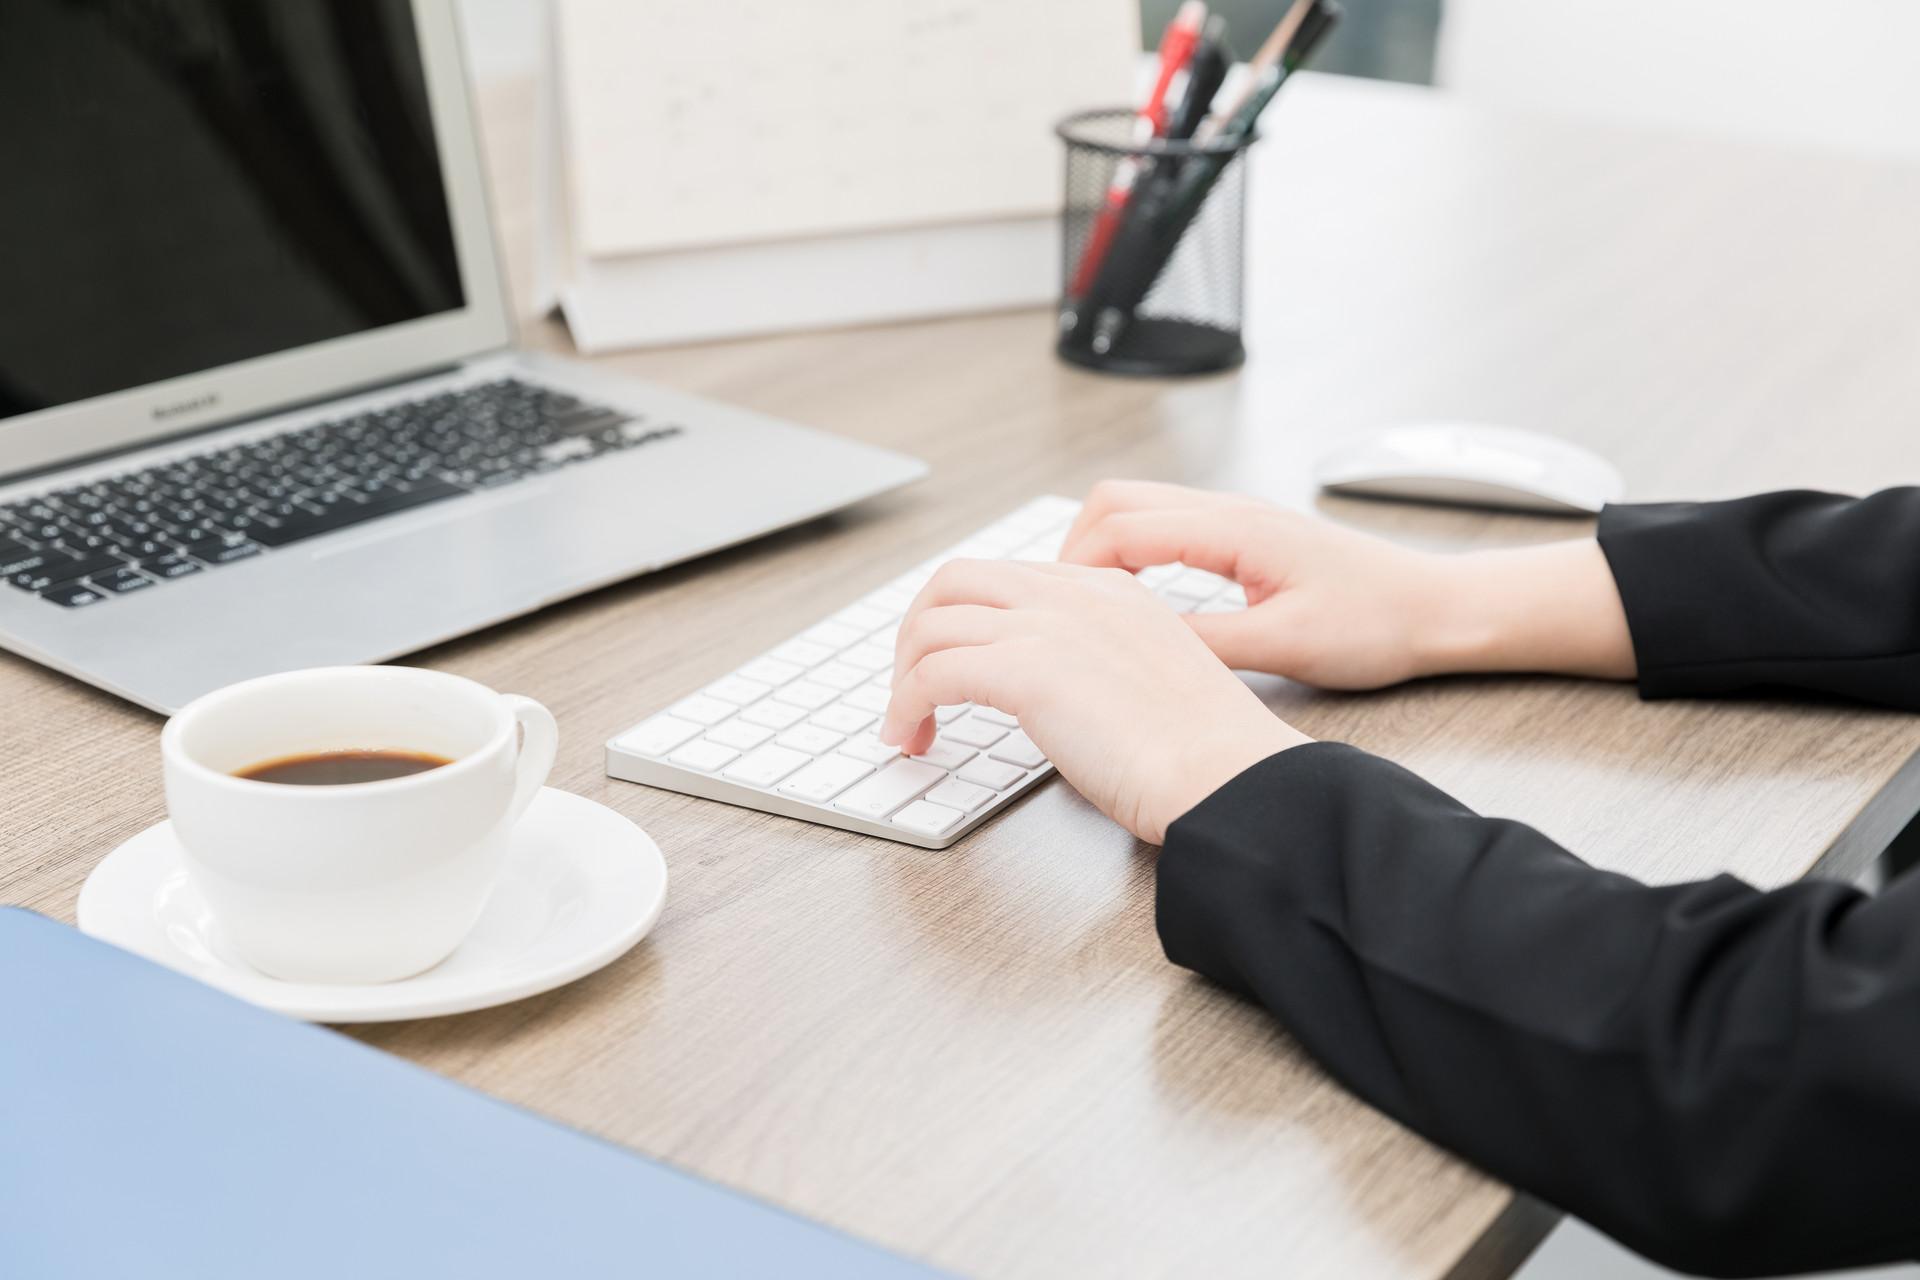 我们都知道传统的工资条发放需要以纸质的形式发放到个人手中,而使用微信群发个人工资条需要通过网络把工资条直接发放到个人的微信上,这两种方式有哪些具体的不同呢?